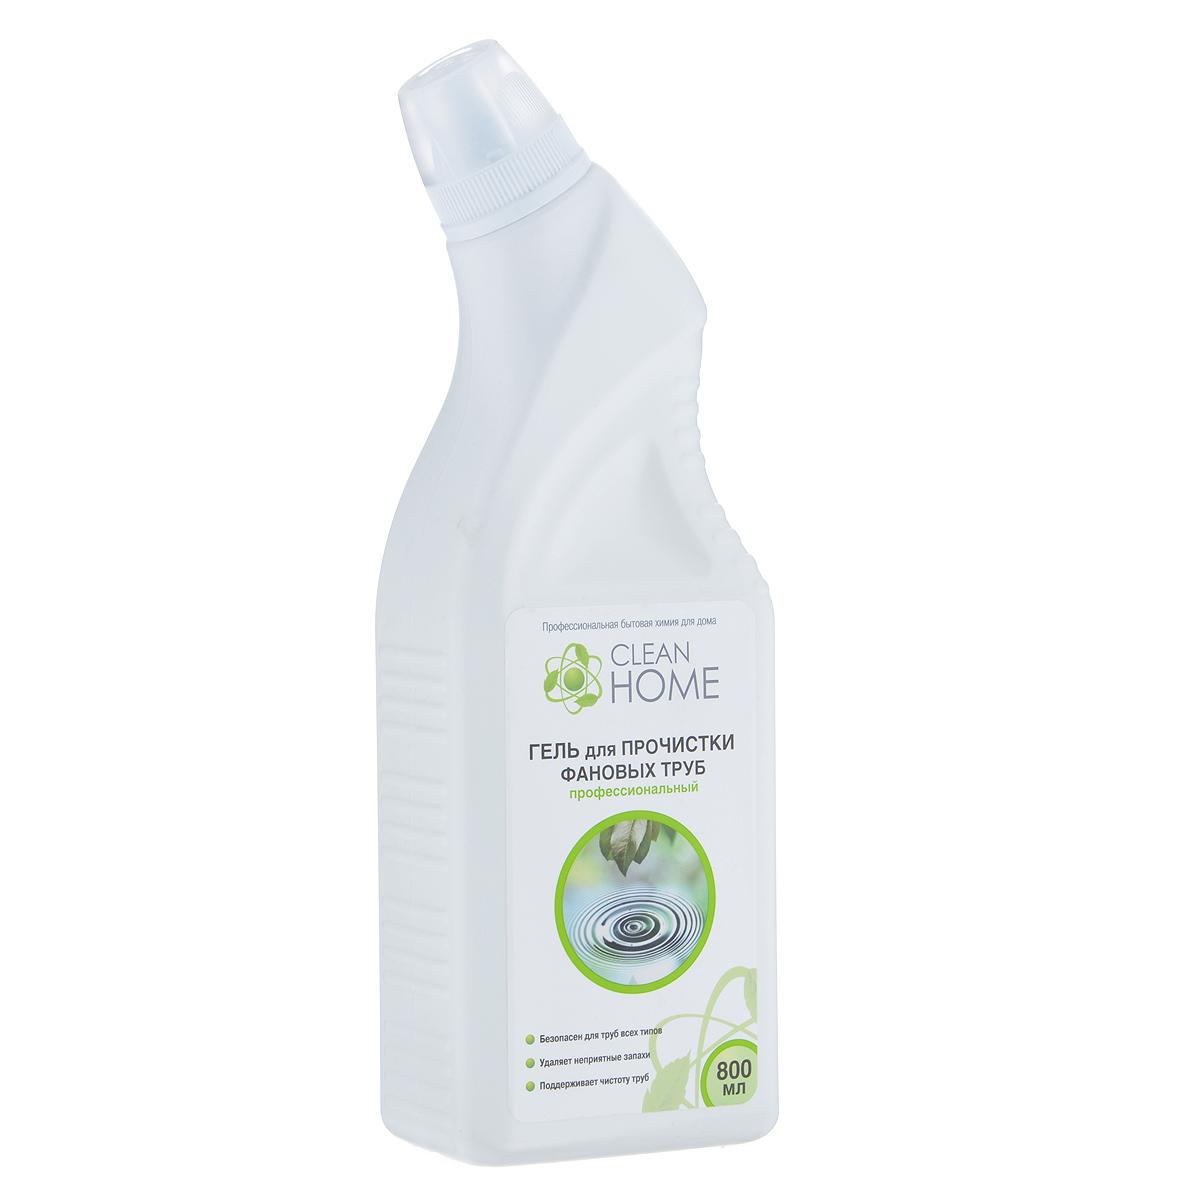 ГельClean Home, для прочистки фановых труб, 800 мл440Эффективное средство Clean Home предназначено для удаления засоров в канализационных трубах, сифонах, унитазах от органических загрязнений, пищевых остатков, жира, волос и бумаги. Удаляет неприятные запахи. Благодаря гелевой форме глубоко проникает в трубу даже при наличии в ней воды. Безопасен для всех видов металлических и пластиковых труб, позволяет продлить срок безотказной работы бытового сантехнического оборудования. Линия профессиональной бытовой химии для дома Clean Home представлена гаммой средств для стирки и уборки дома. Clean Home - это весь необходимый ряд высокоэффективных универсальных средств европейского качества.Состав: вода, гидроксид натрия, функциональные добавки.